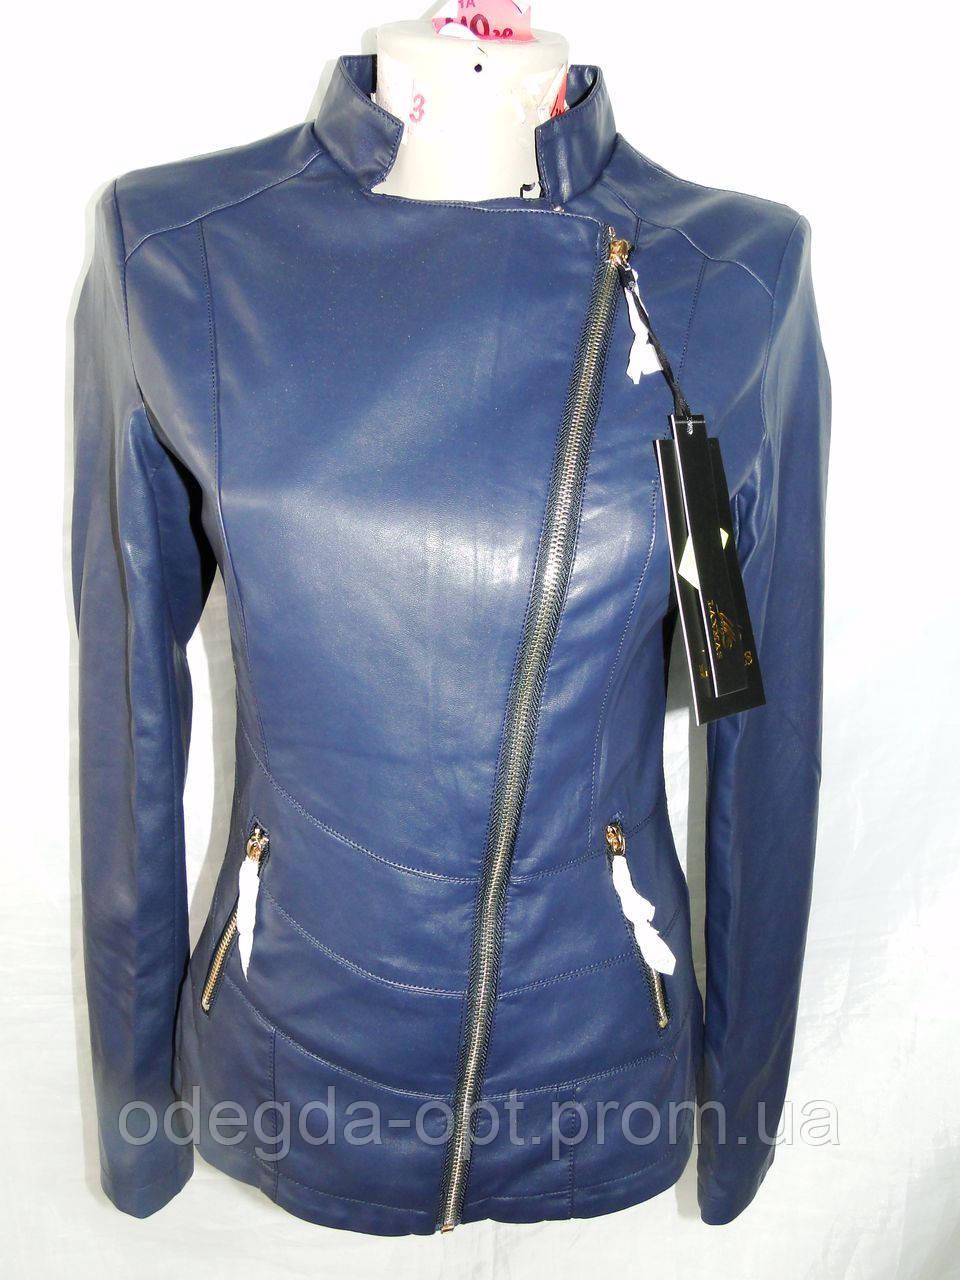 Куртка женская кожзам S-2XL модная качественная молодежная купить оптом в  Одессе 7км дешево - 456e057e6a978